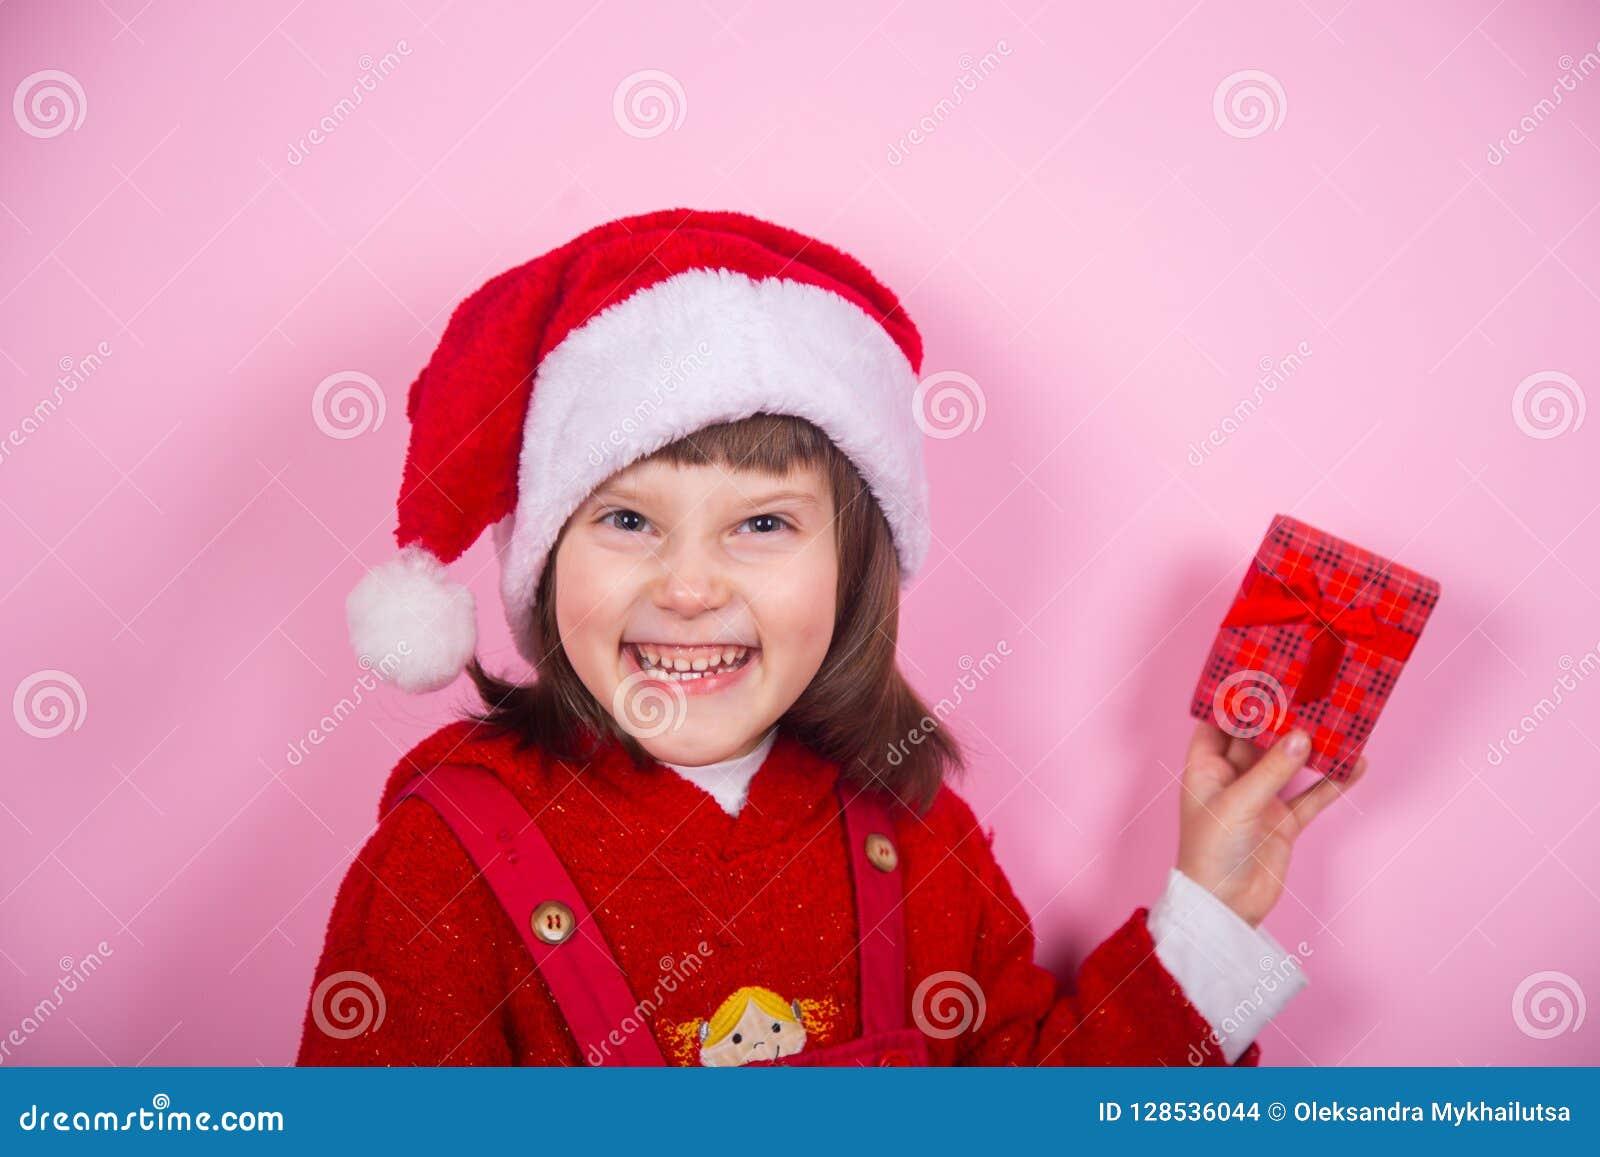 Χαριτωμένο χαμογελώντας μικρό κορίτσι στο καπέλο Santa και κοστούμι Χριστουγέννων που κρατά το κόκκινο κιβώτιο δώρων στο στούντιο